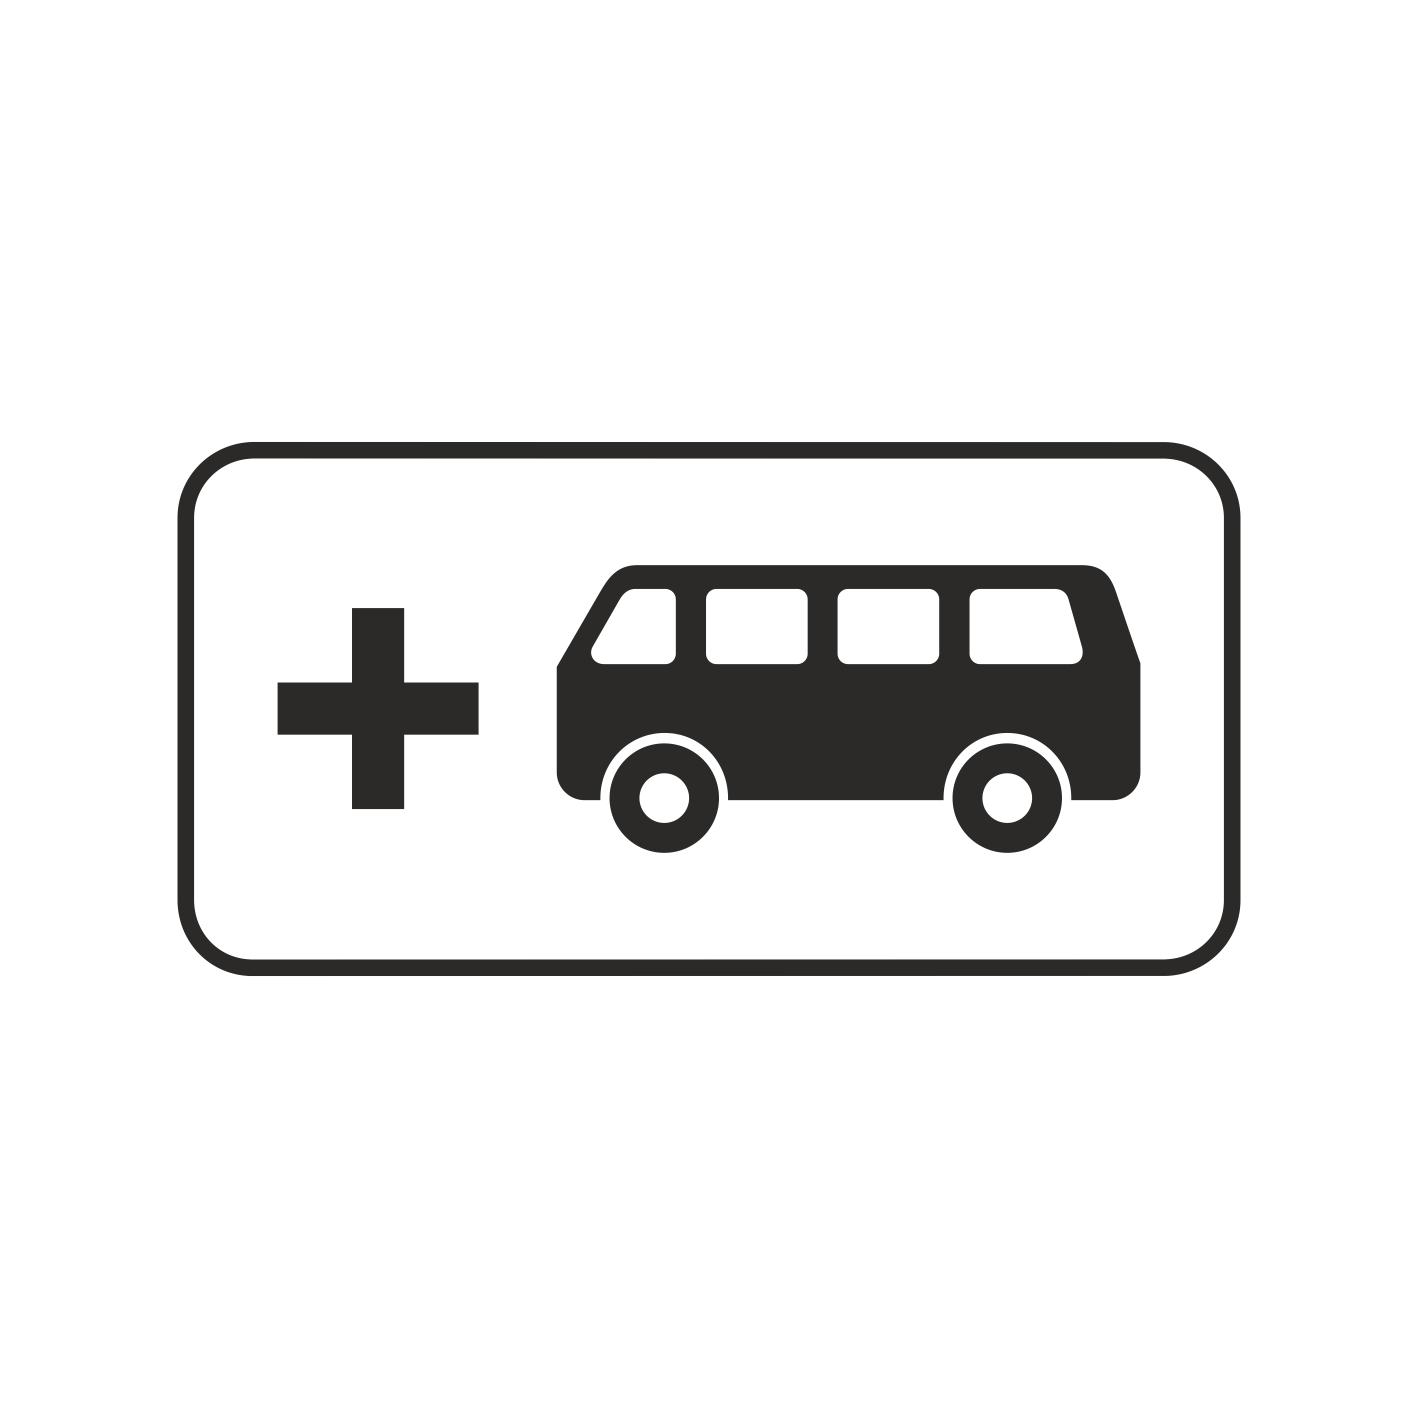 8.21.2 Вид маршрутного транспортного средства